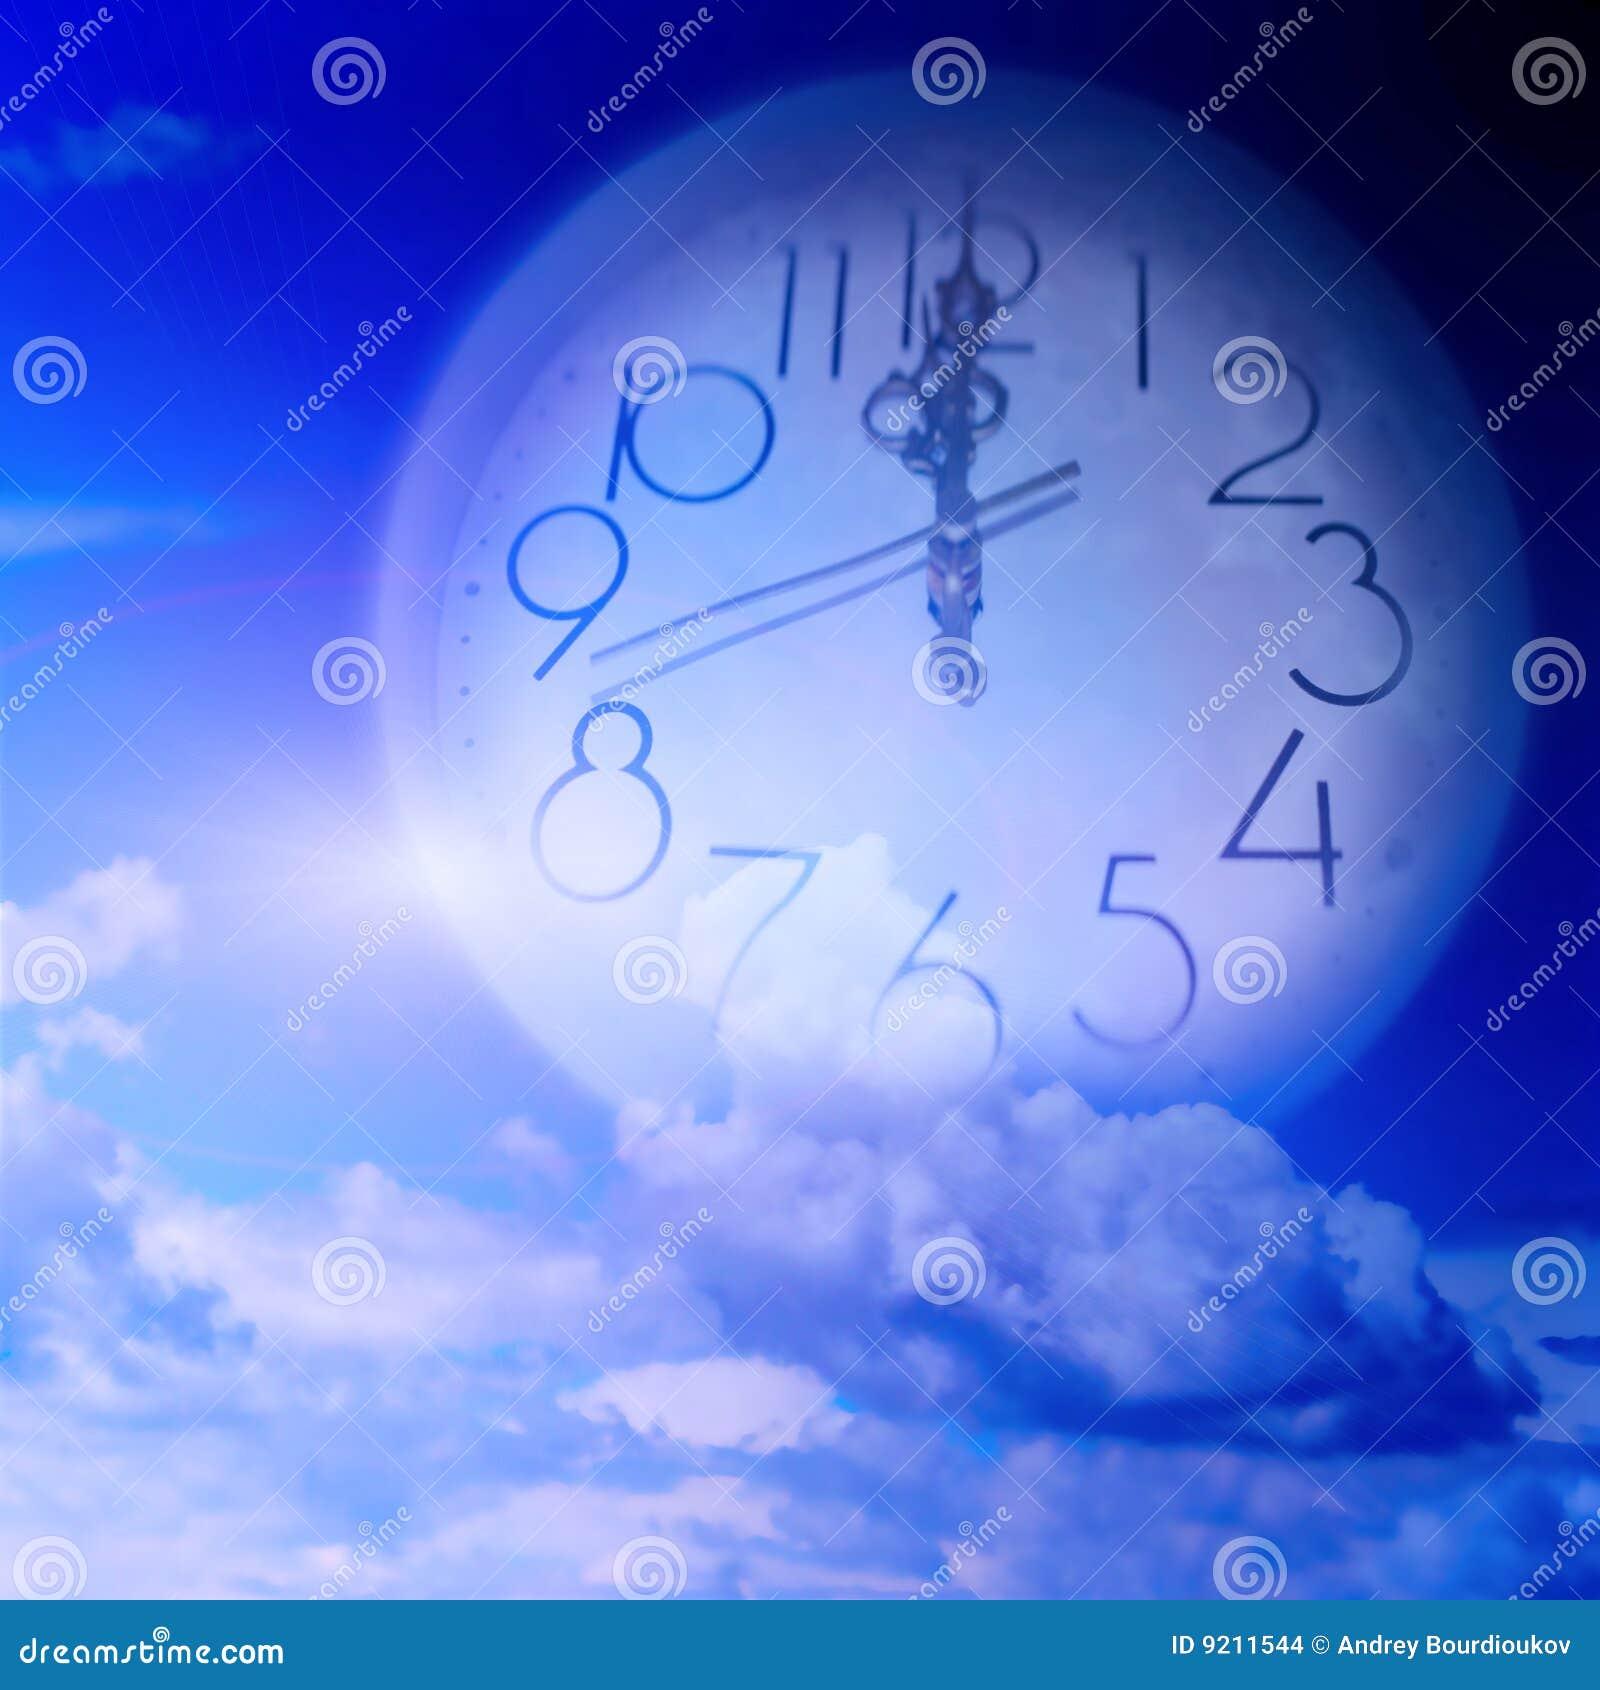 Huidige tijd stock illustratie illustratie bestaande uit - Temperatura actual ferrol ...